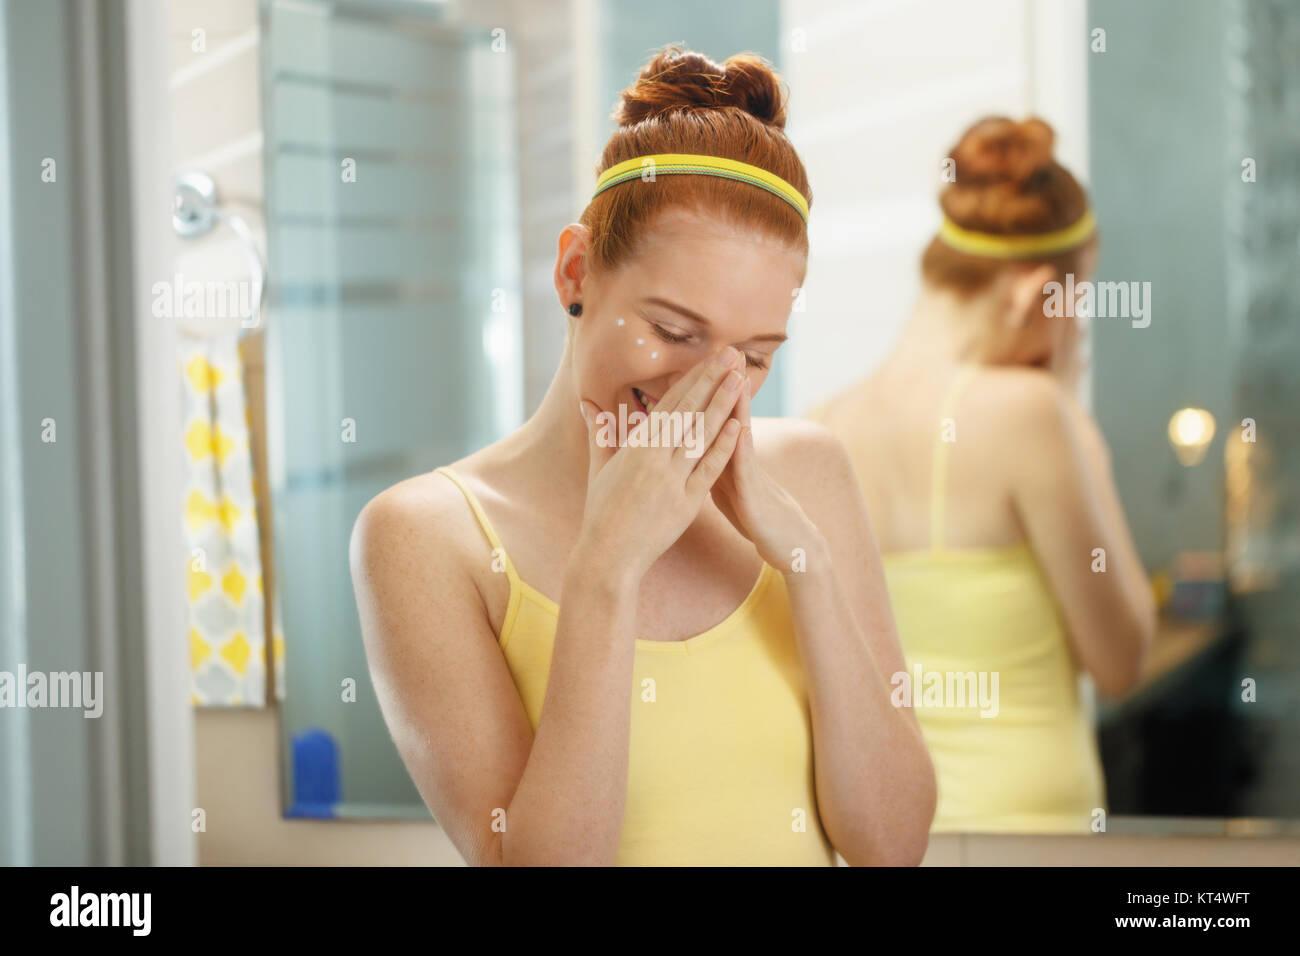 Chica pelirroja aplicar crema de belleza en casa baño en la mañana. Mujer joven teniendo cuidado de su Imagen De Stock